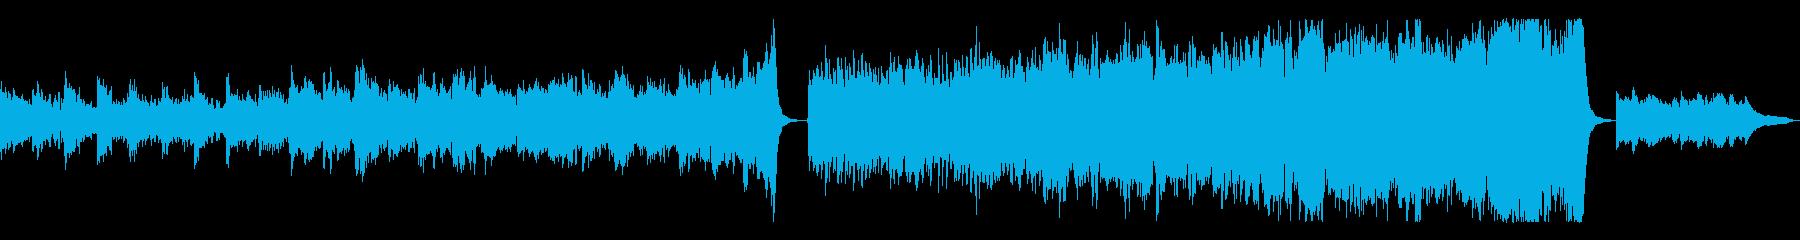 ドキュメンタリー系向け力強いオーケストラの再生済みの波形